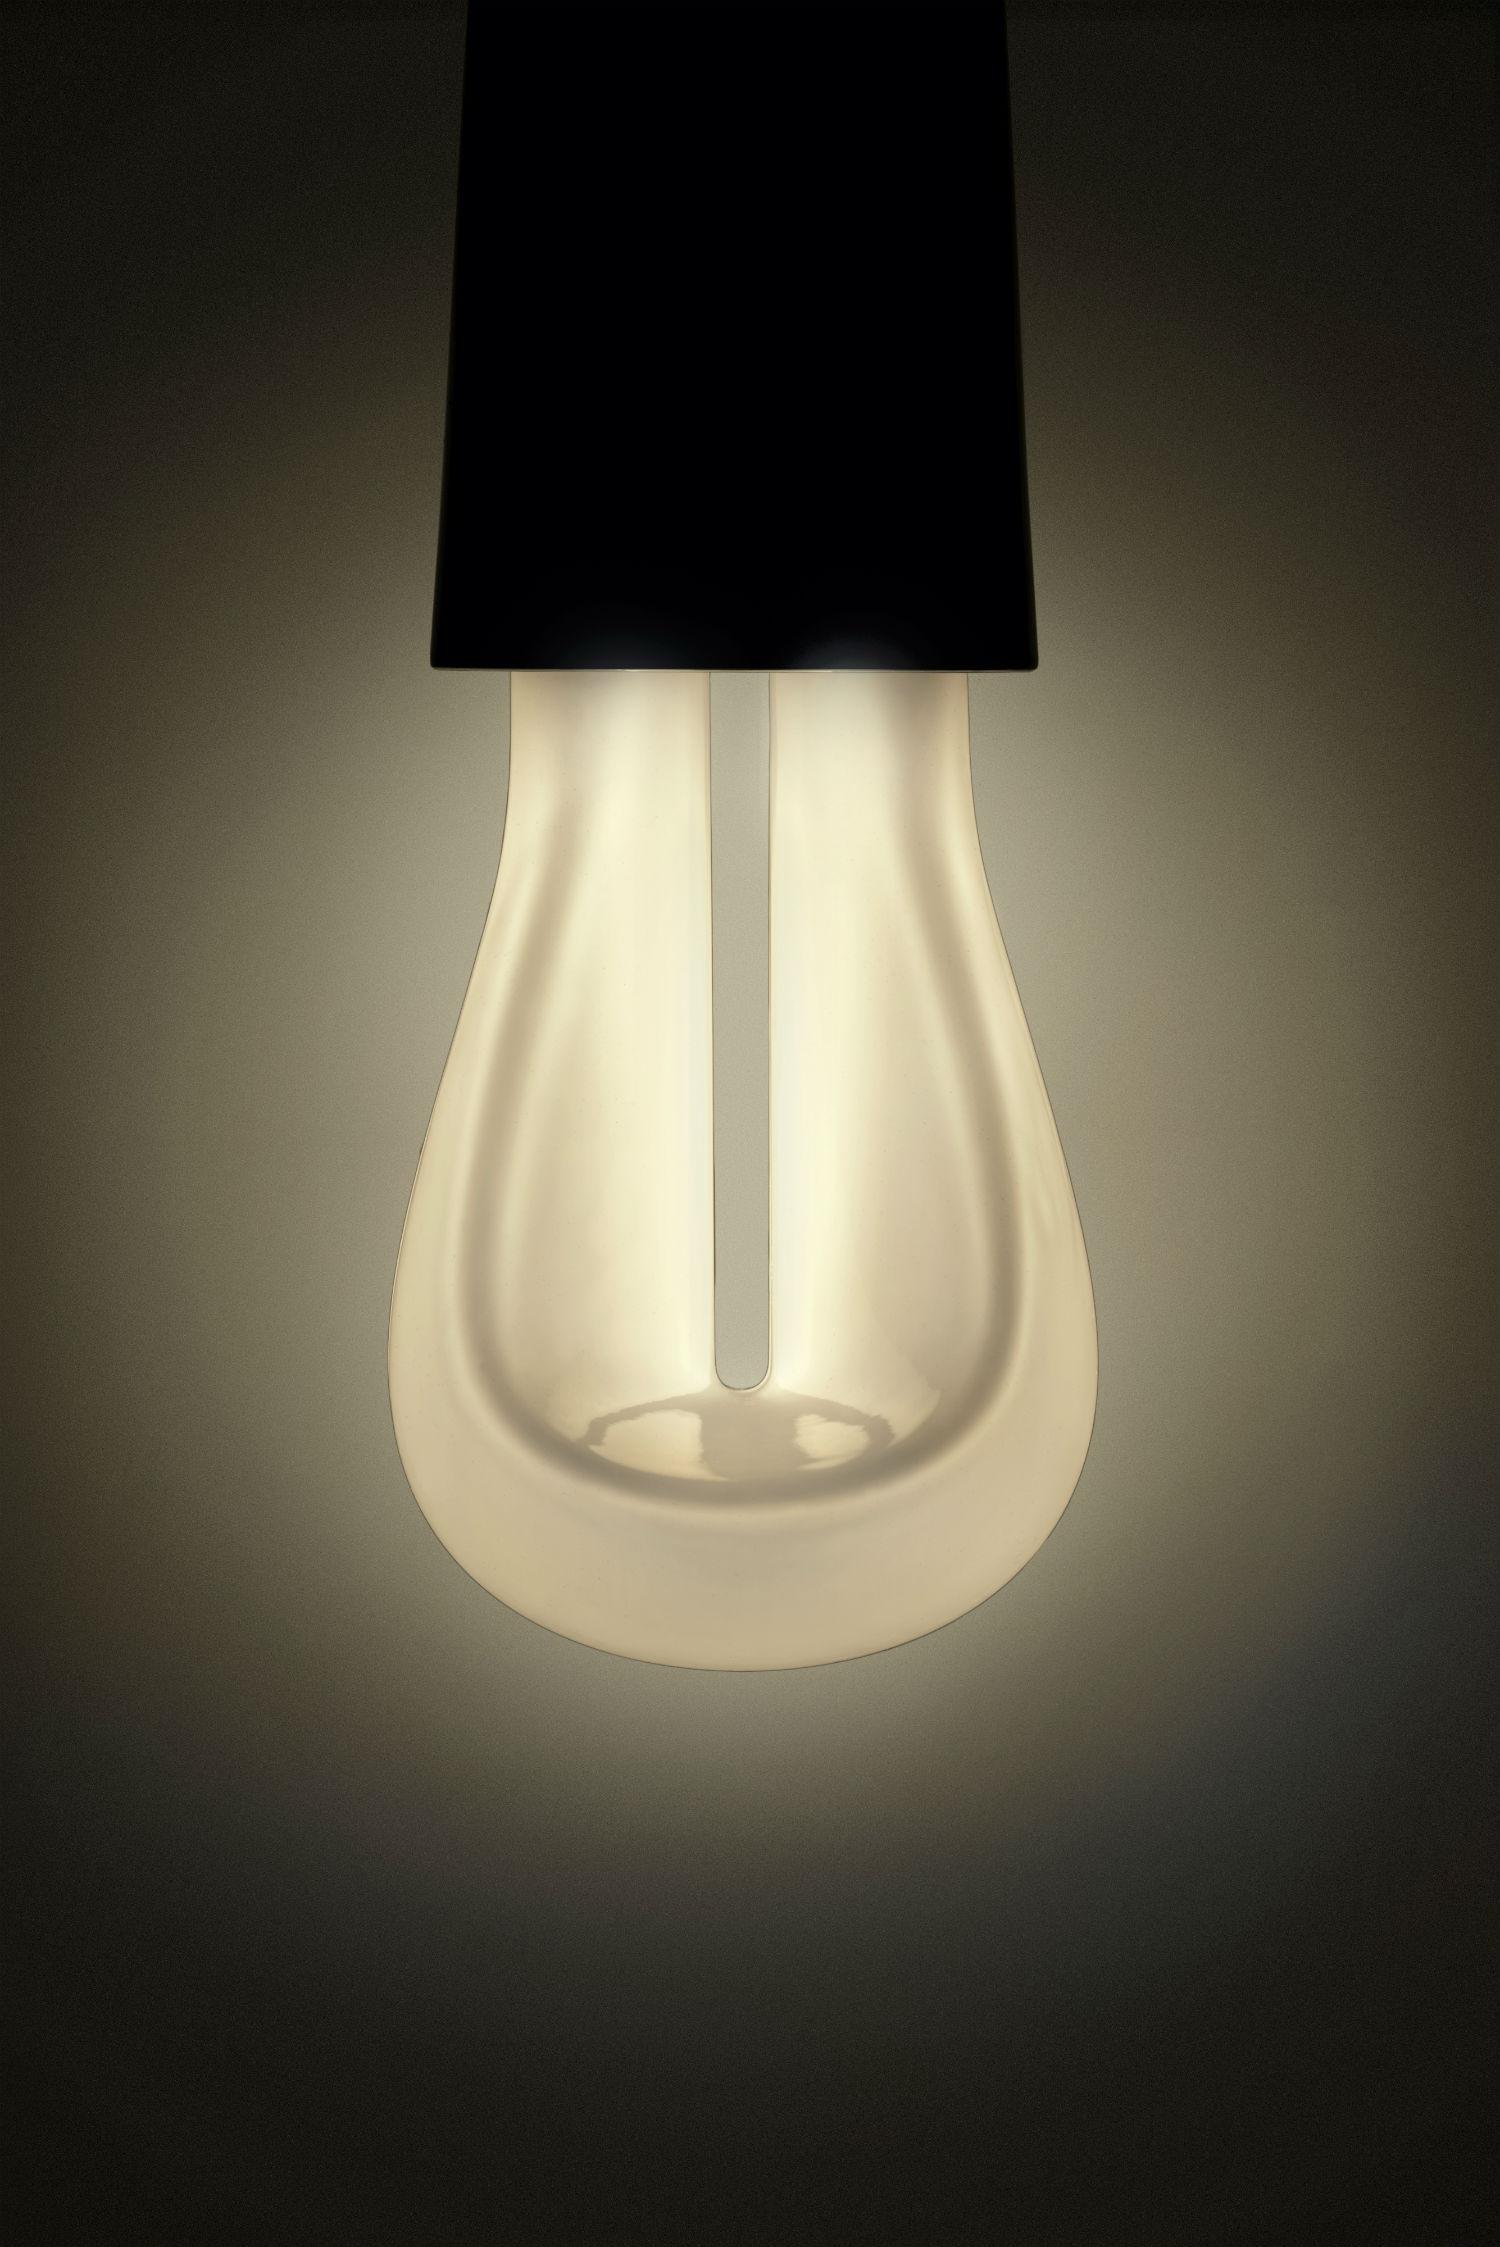 007_Lit_Plumen_002_designer_light_bulb_front Plumen 002 Hulger